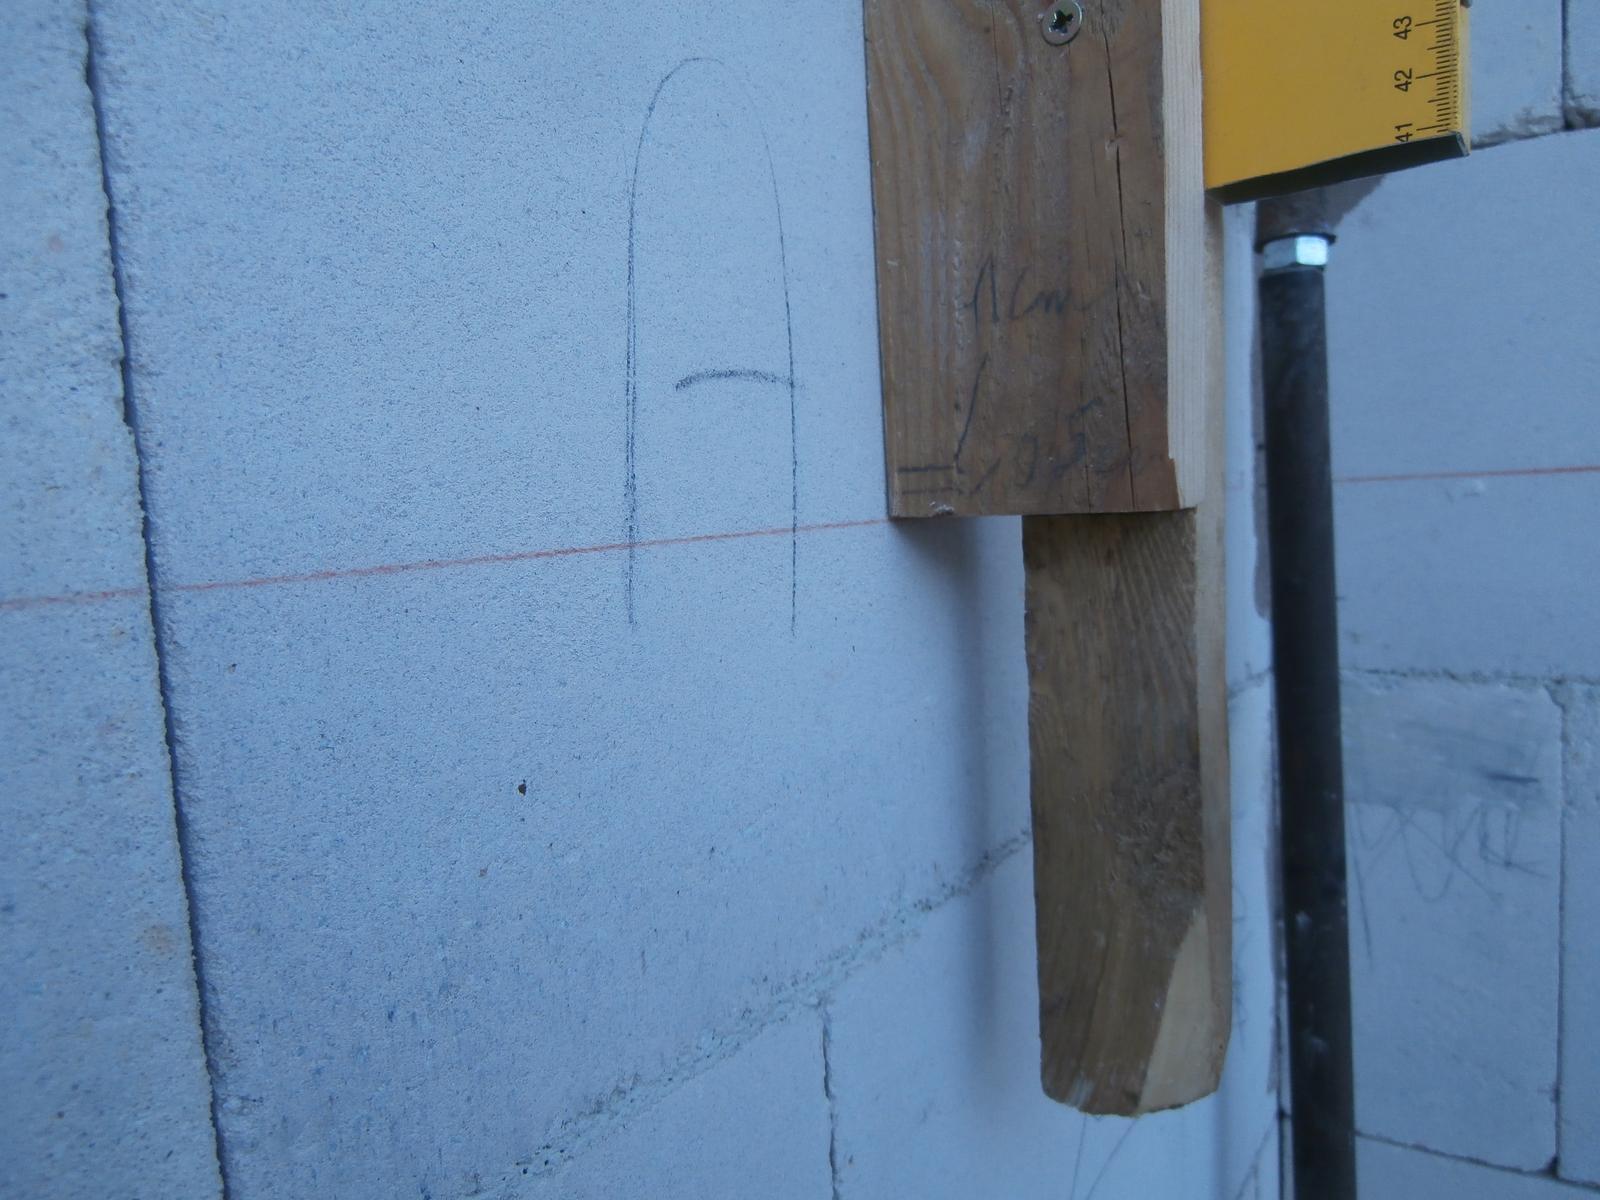 Bungalov z vápenno pieskových tvárnic(VPC) od Kalksandsteinu - Presnosť, ktorú si môže dovoliť iba svojpomocný stavebník :) Inak ide o sablonu, ktoru som polozil na vrch debnenia a nastavil som debnenie vsade do rovnakej vysky(výška bola nanesená nivelákom zvonka aj zvnútra)